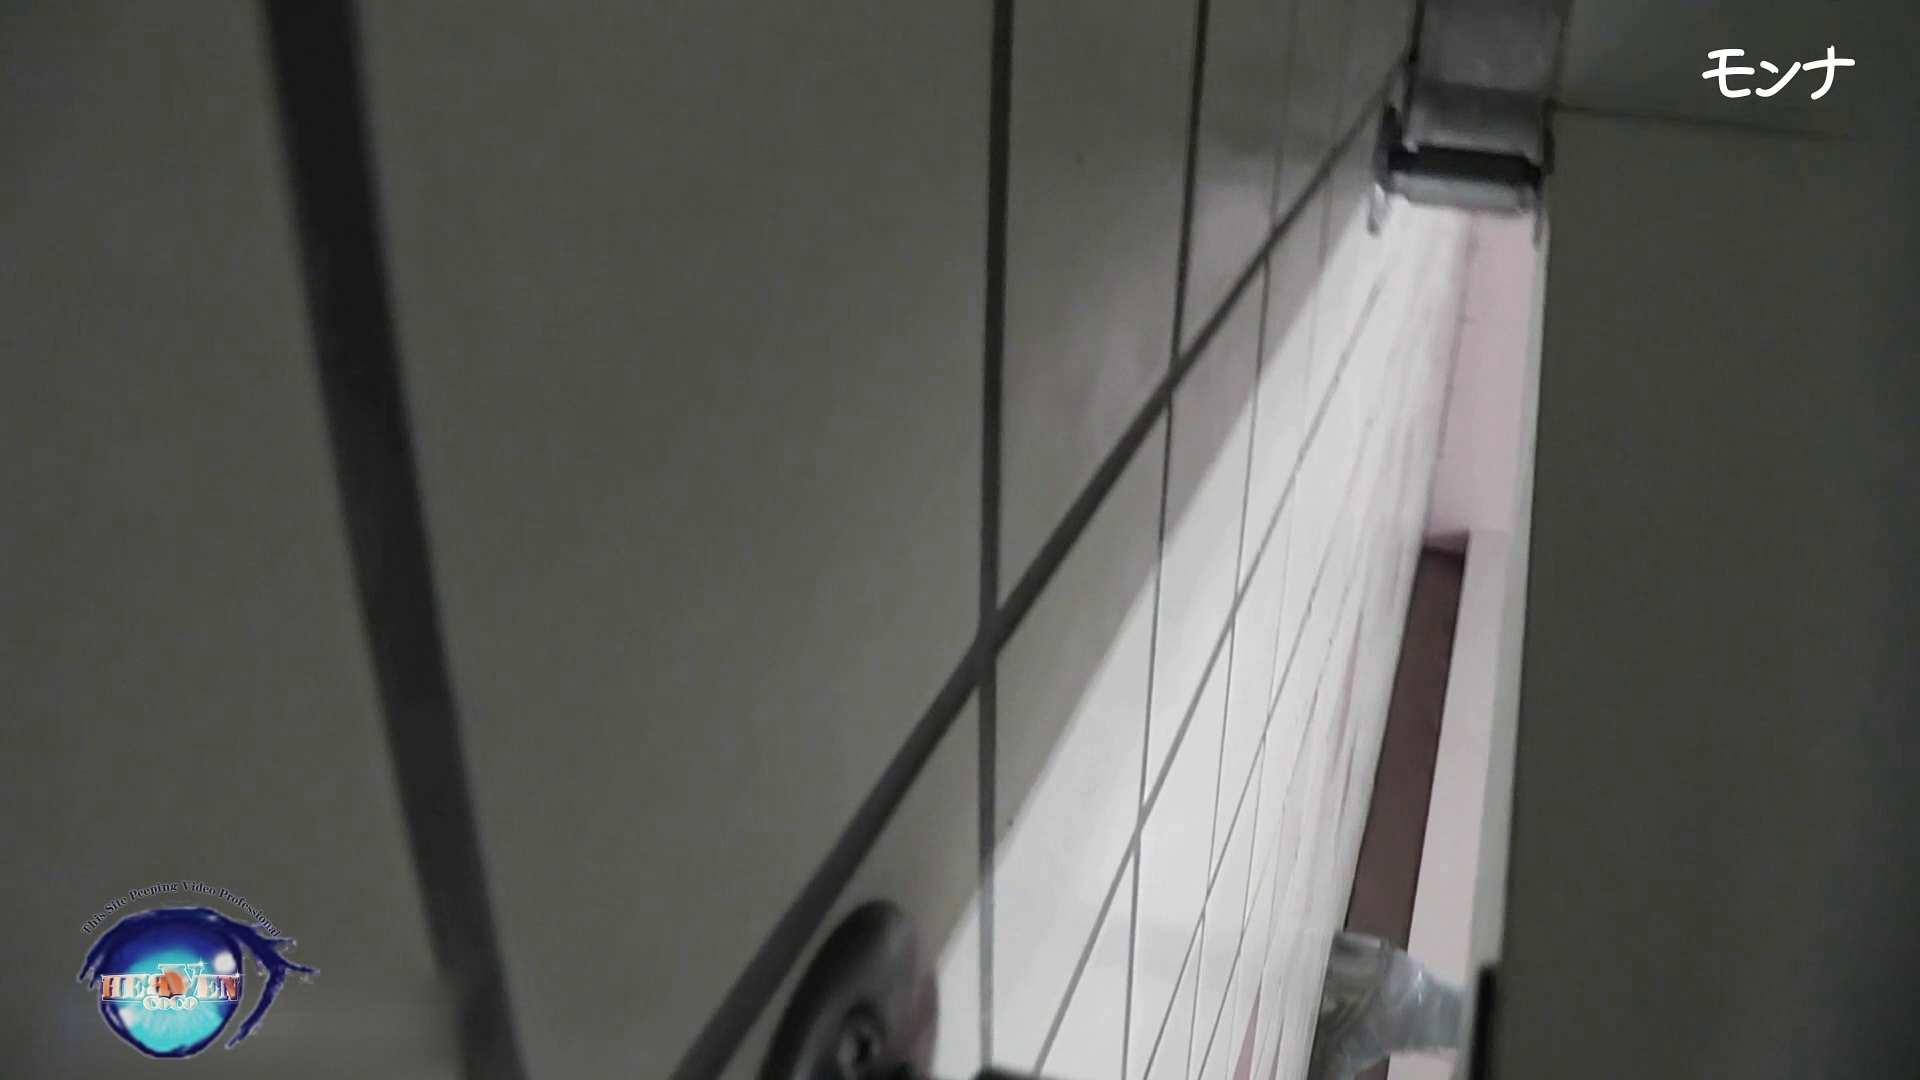 【美しい日本の未来】美しい日本の未来 No.75 たまらないくびれ 2 生え茂る おまんこ見放題   盗撮シリーズ  84PIX 5